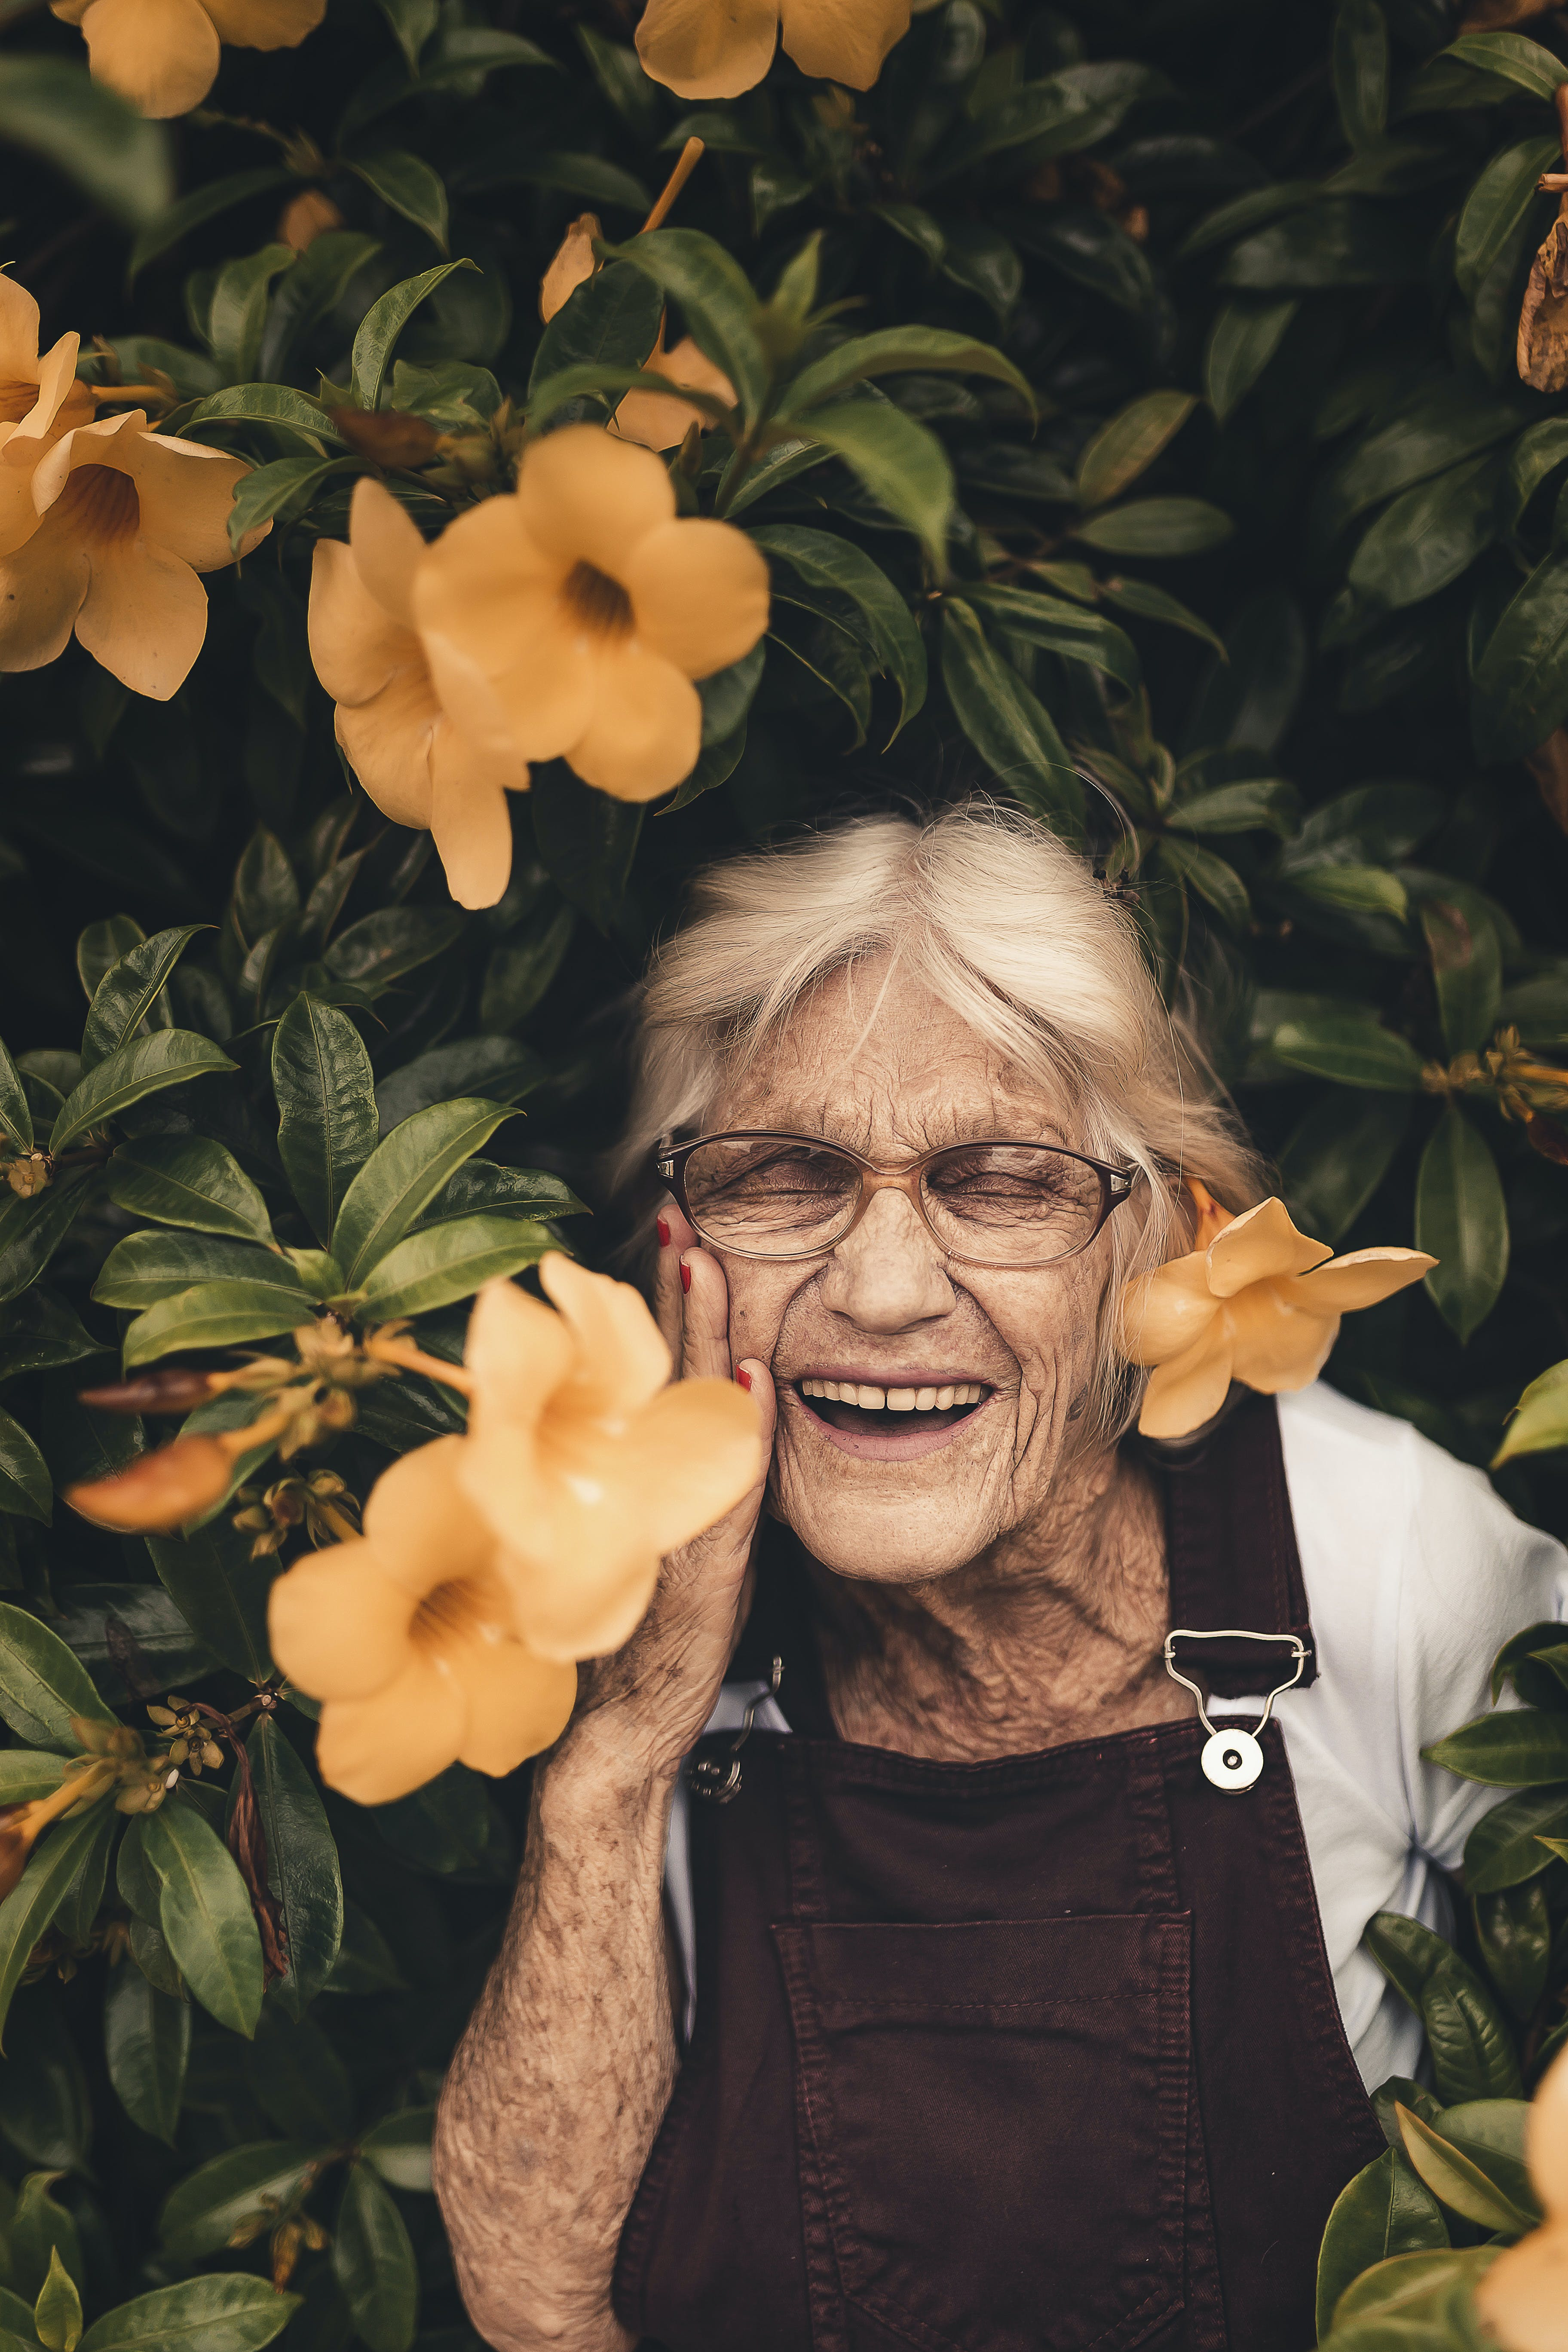 Δωρεάν στοκ φωτογραφιών με αρχαιότερος, γέρος, γιαγιά, γκρο πλαν